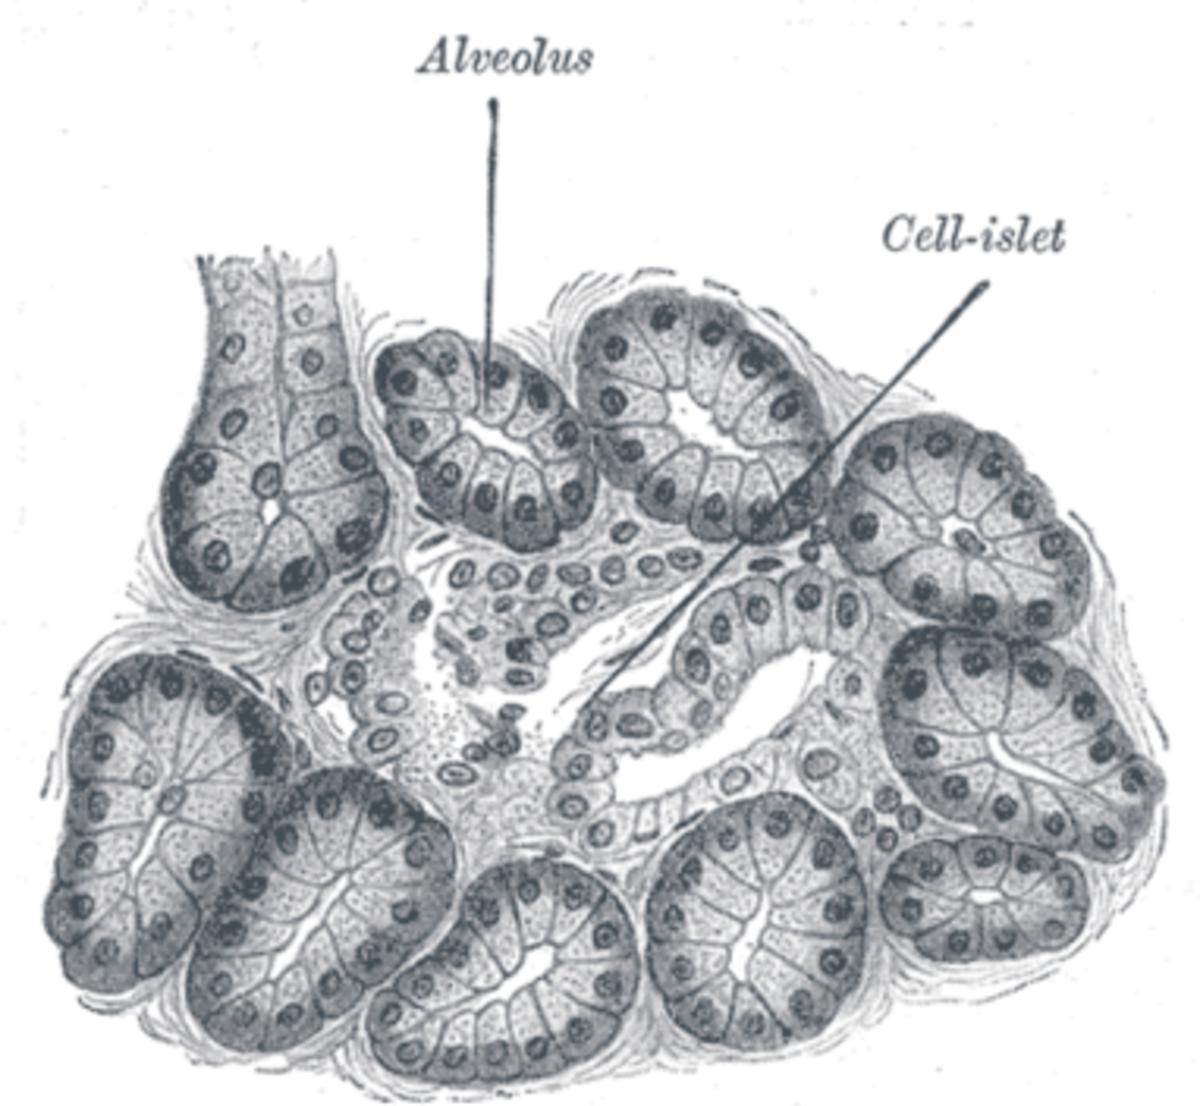 dog pancreas 1